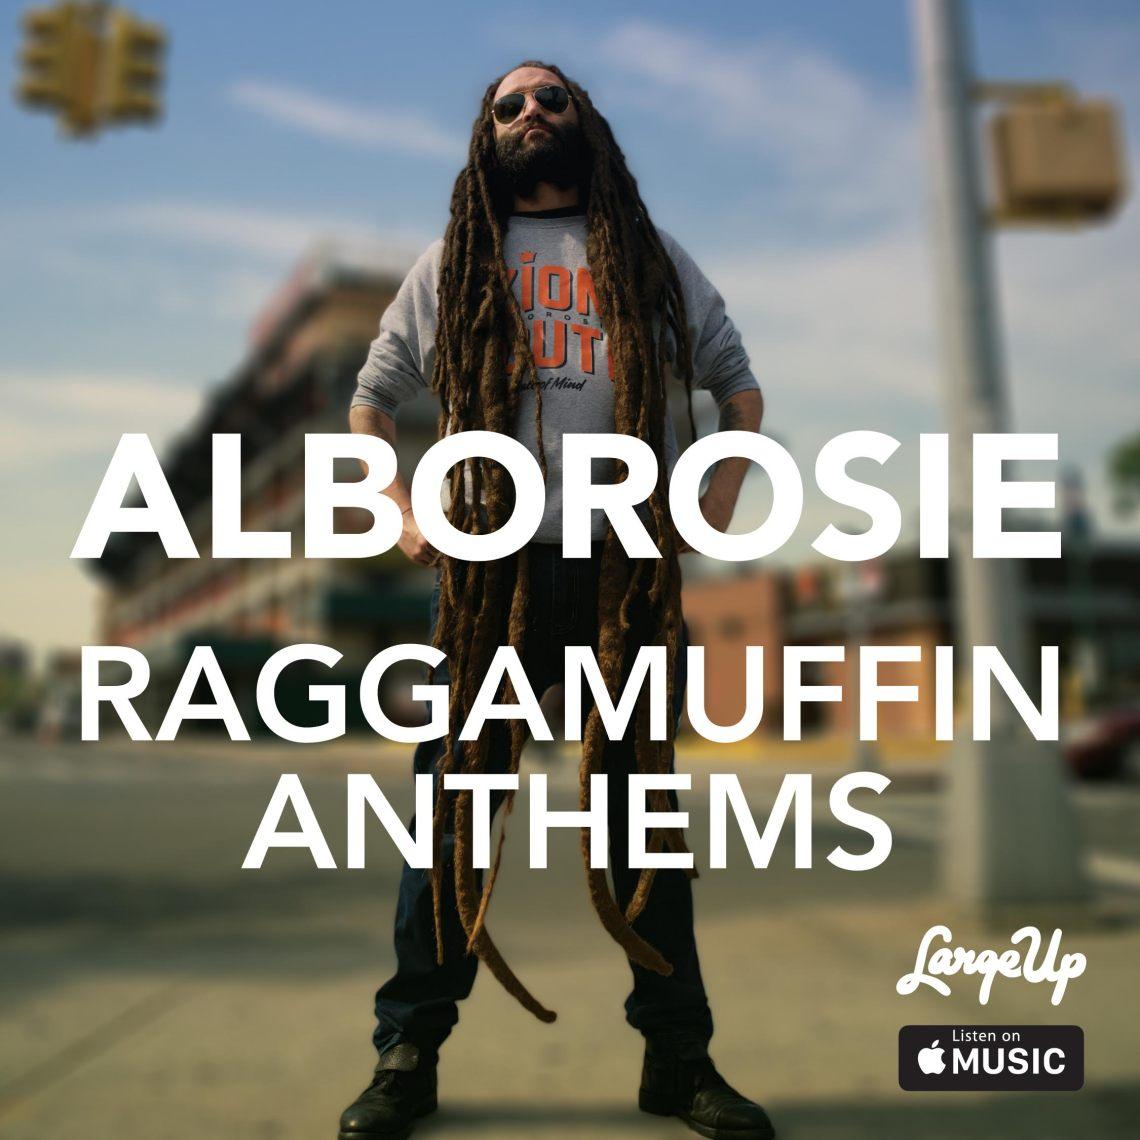 Alborosie's Raggamuffin Anthems